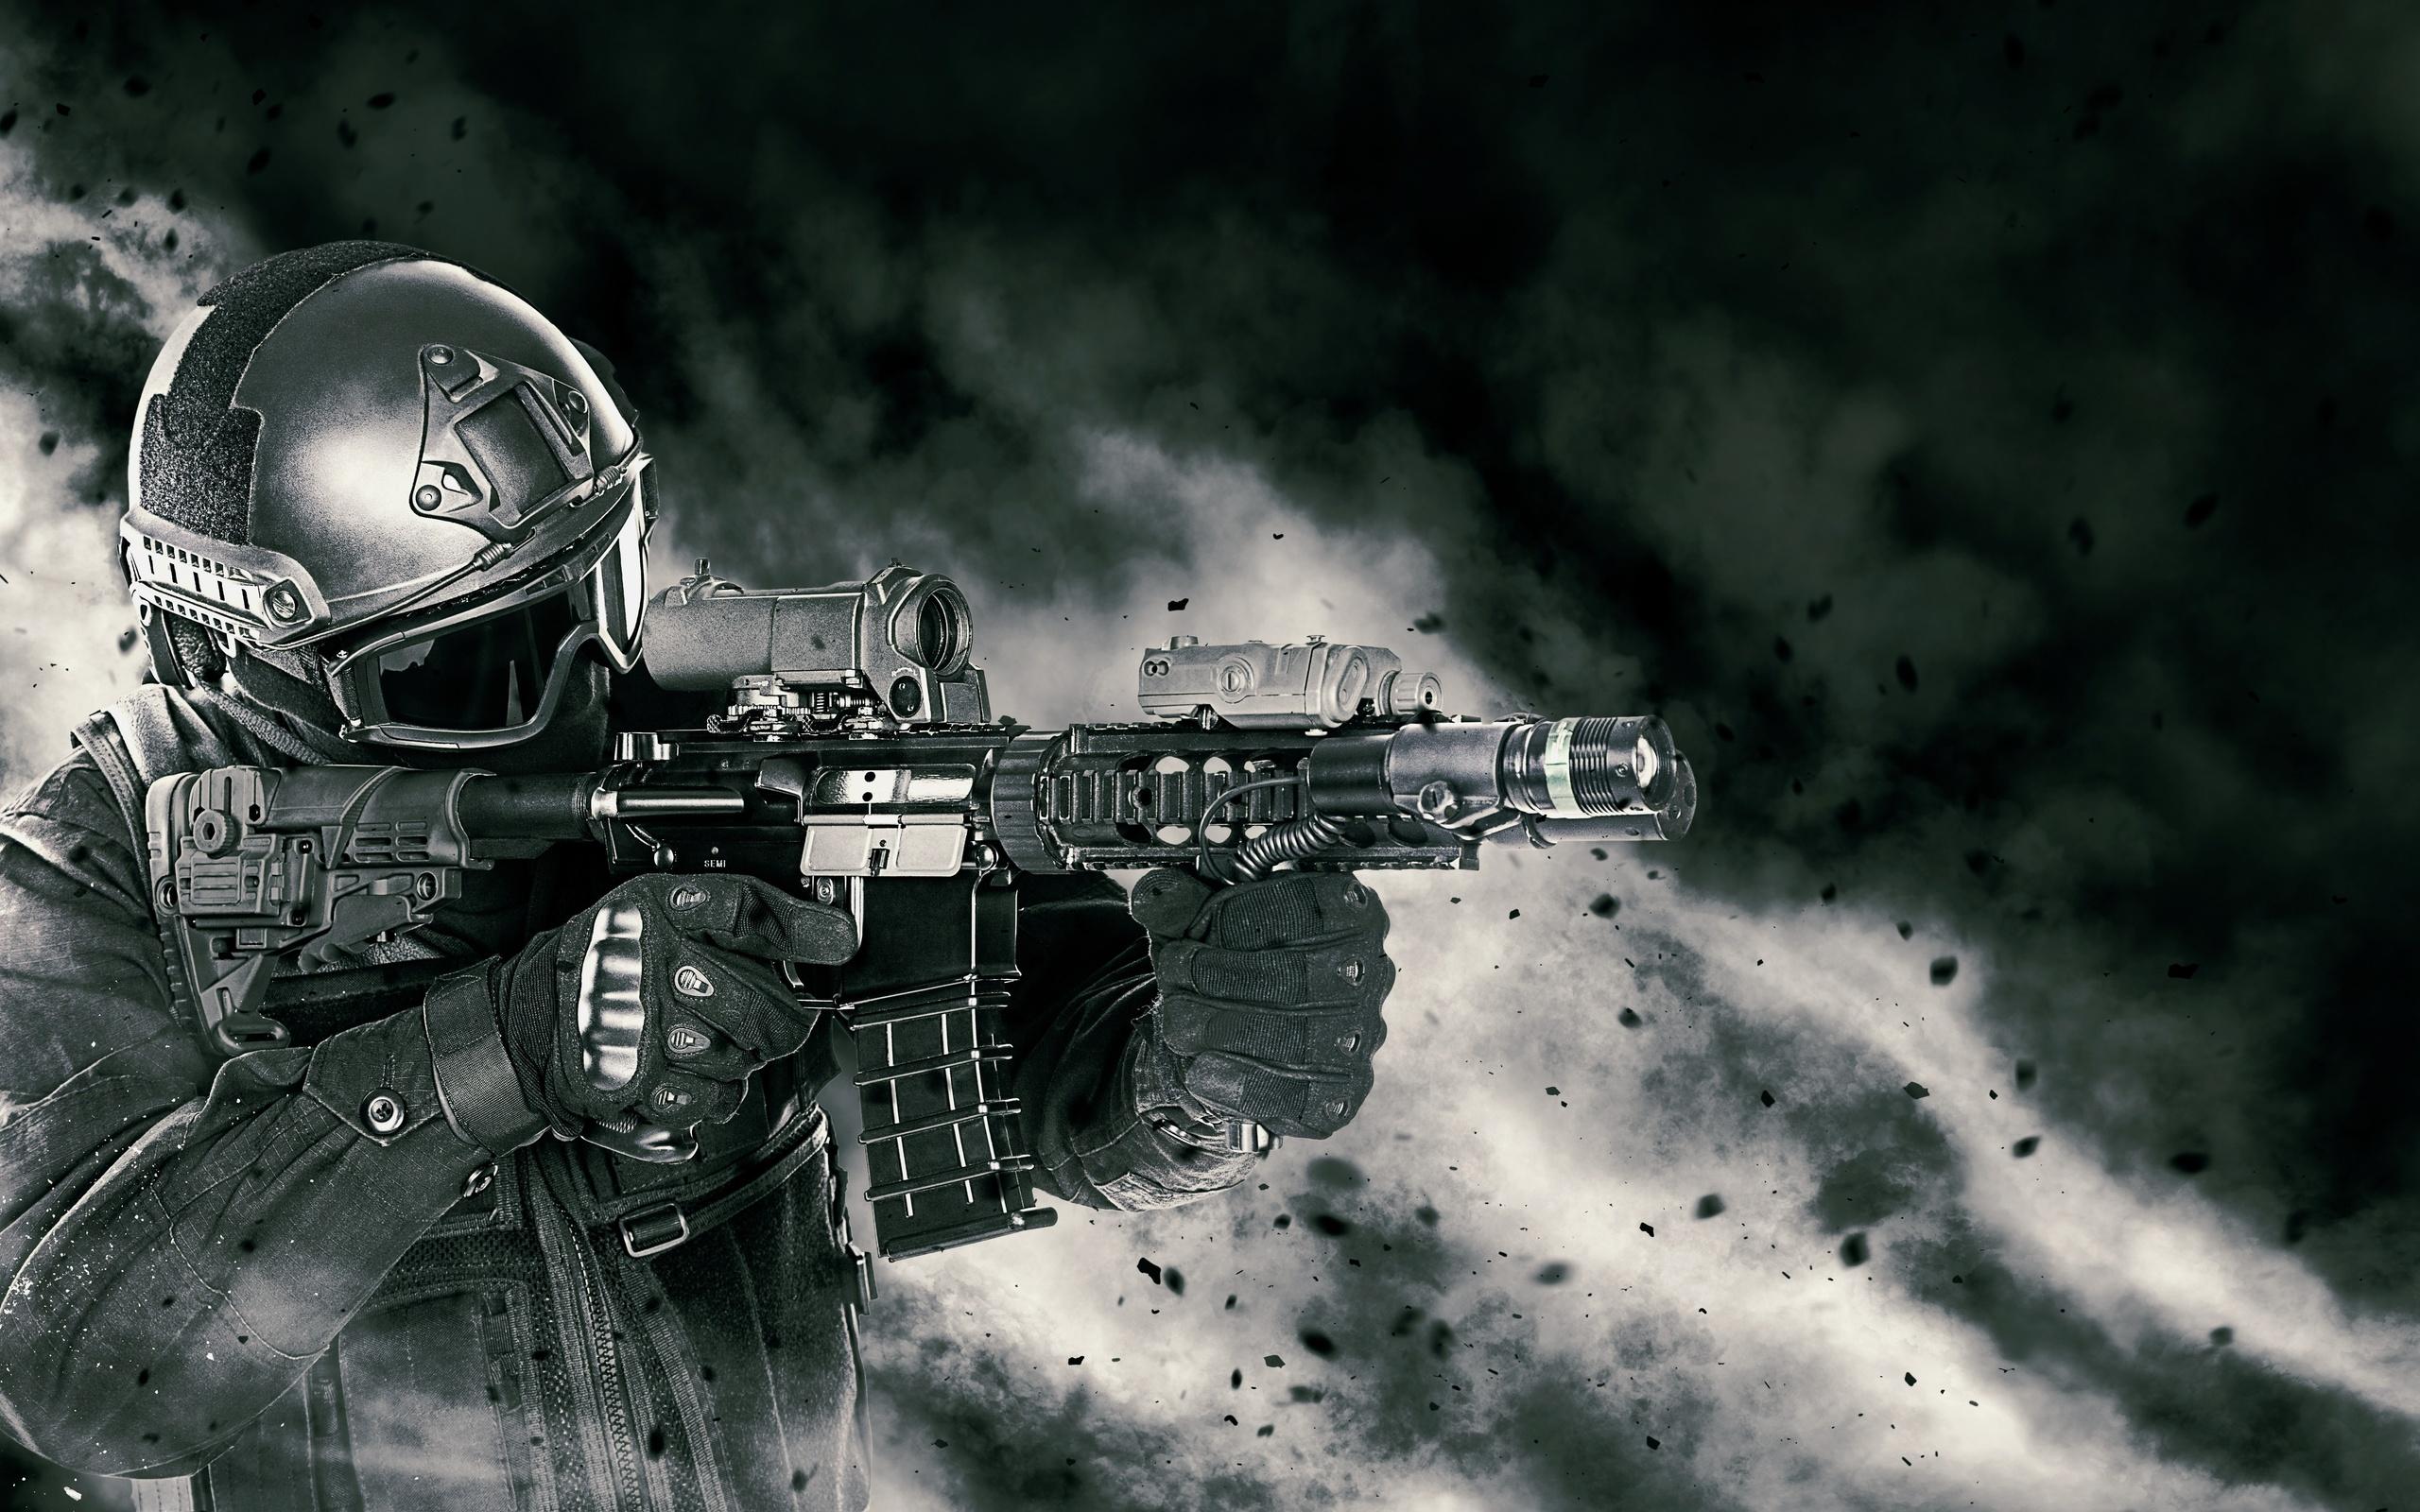 воин, спецназ, оружие, бой